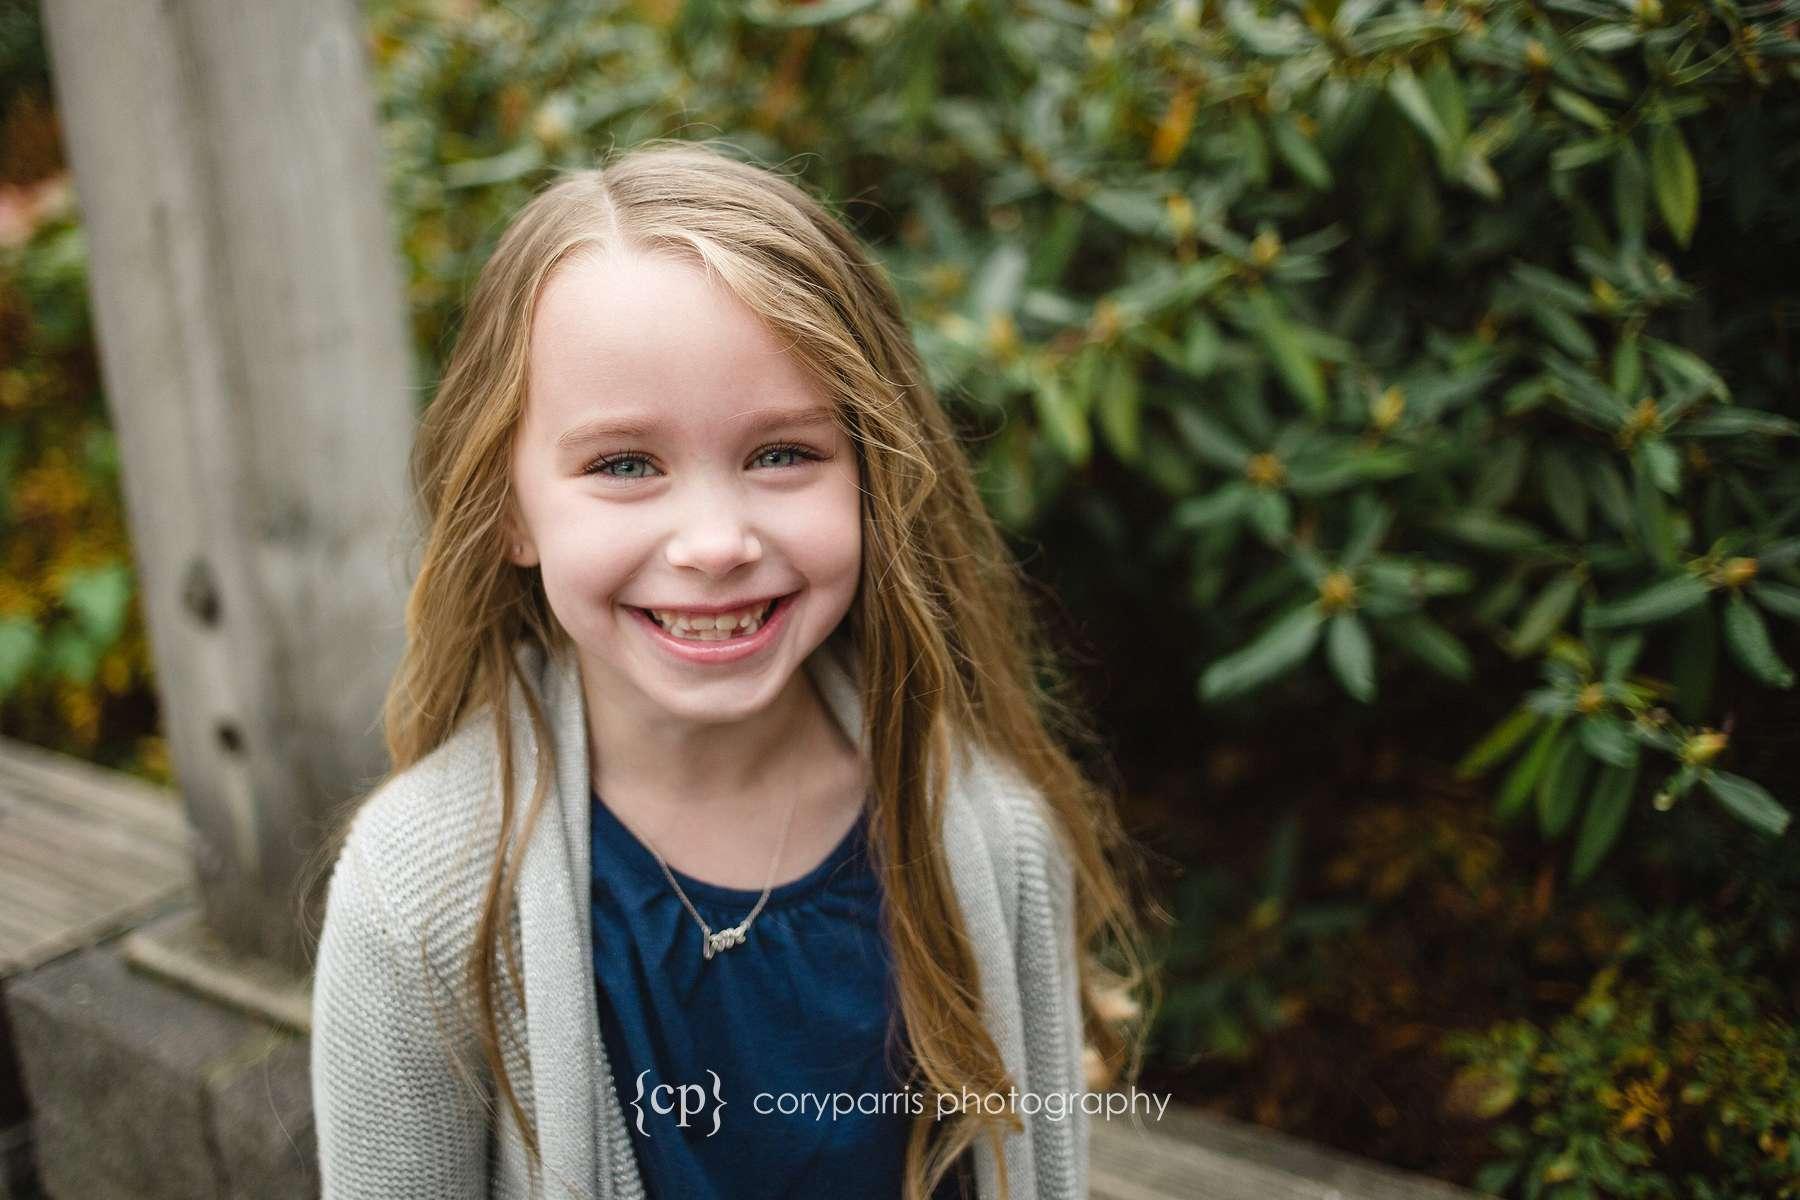 Smiling girl Kids portrait in Seattle